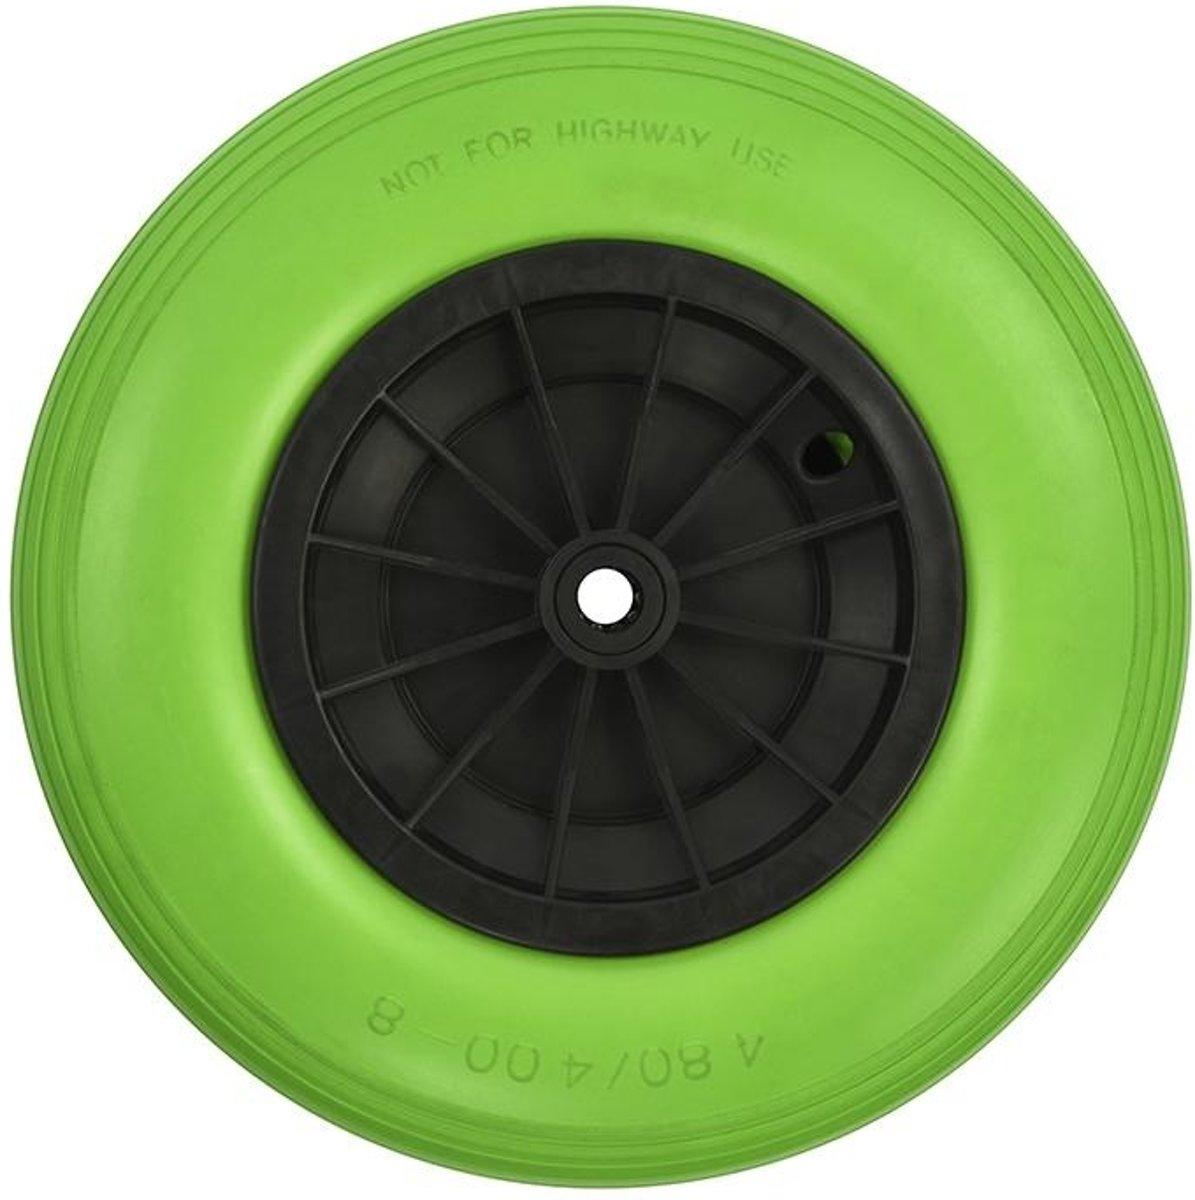 Proplus Kruiwagenwiel Pu/kunststof 16 Inch Groen/zwart kopen